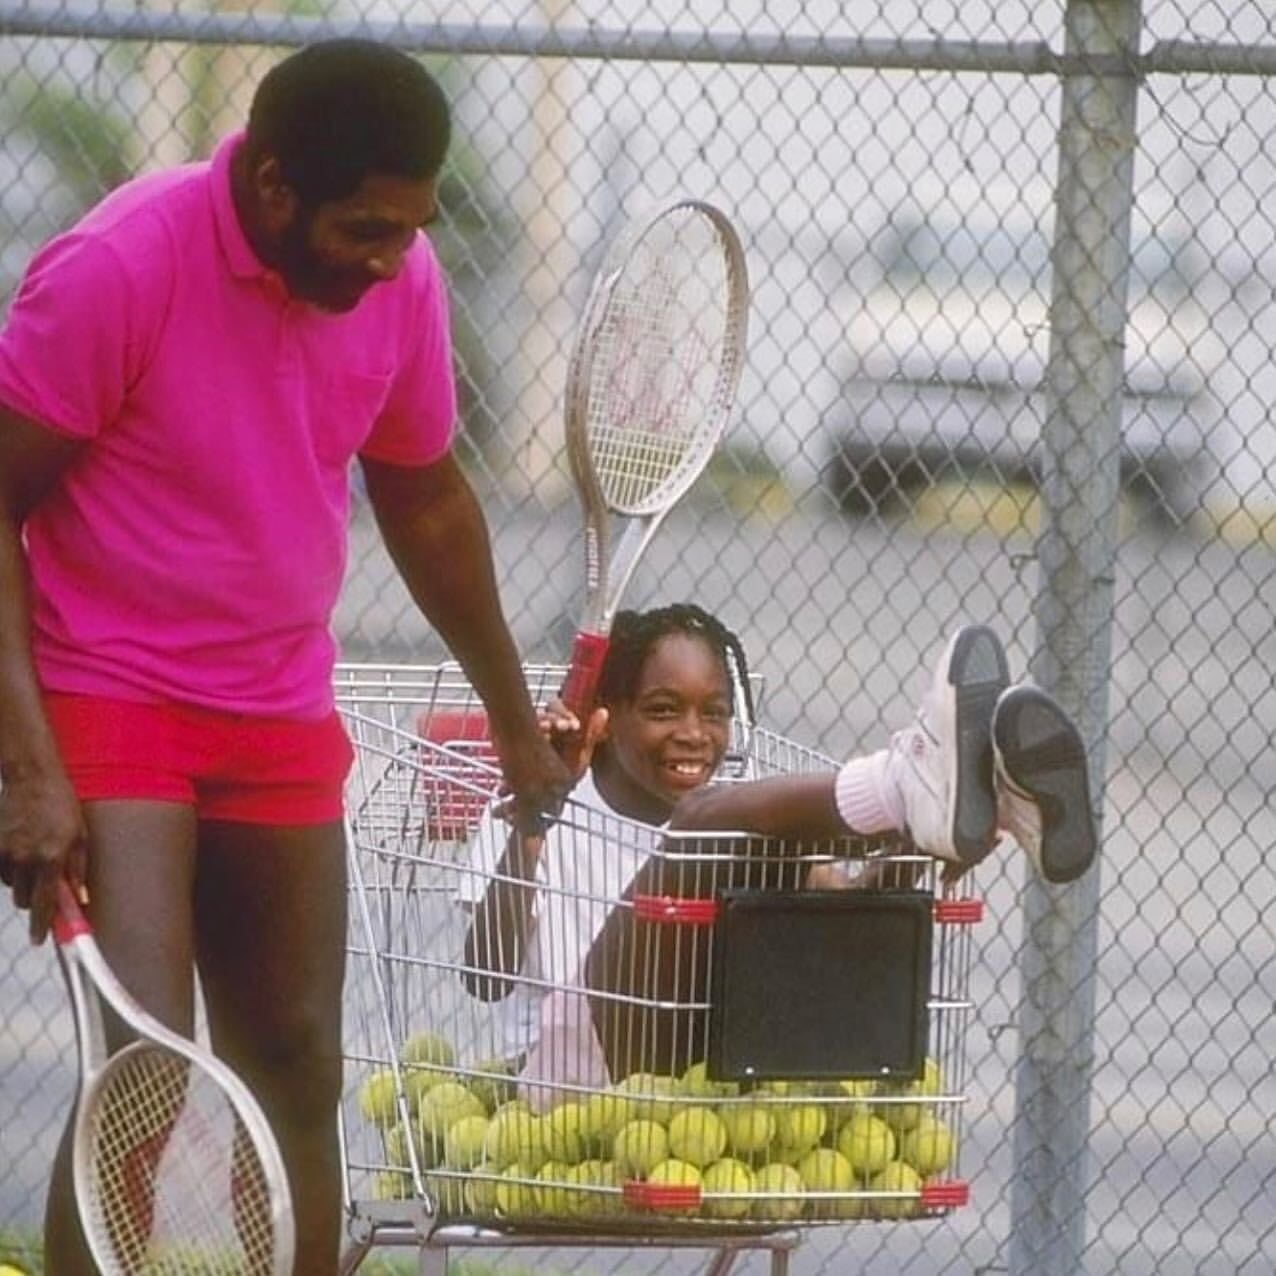 Отец сестер Уильямс грабил белых из мести за расизм и воевал с Ку-клукс-кланом. А Серену с Винус родил теннисистками из-за денег